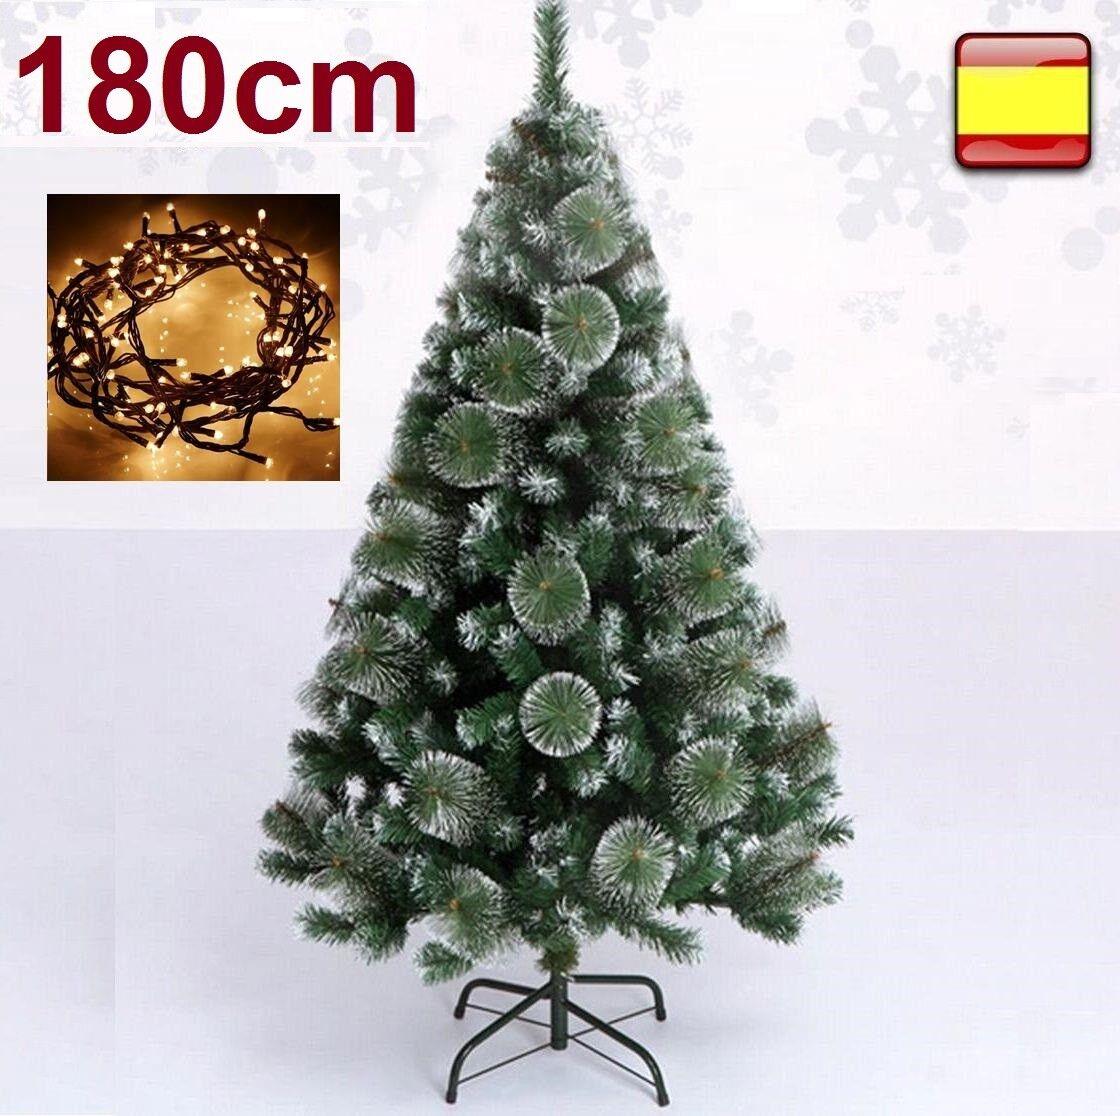 Arbol de navidad 1,80 m 180 cm Pino verde nieve + luz...